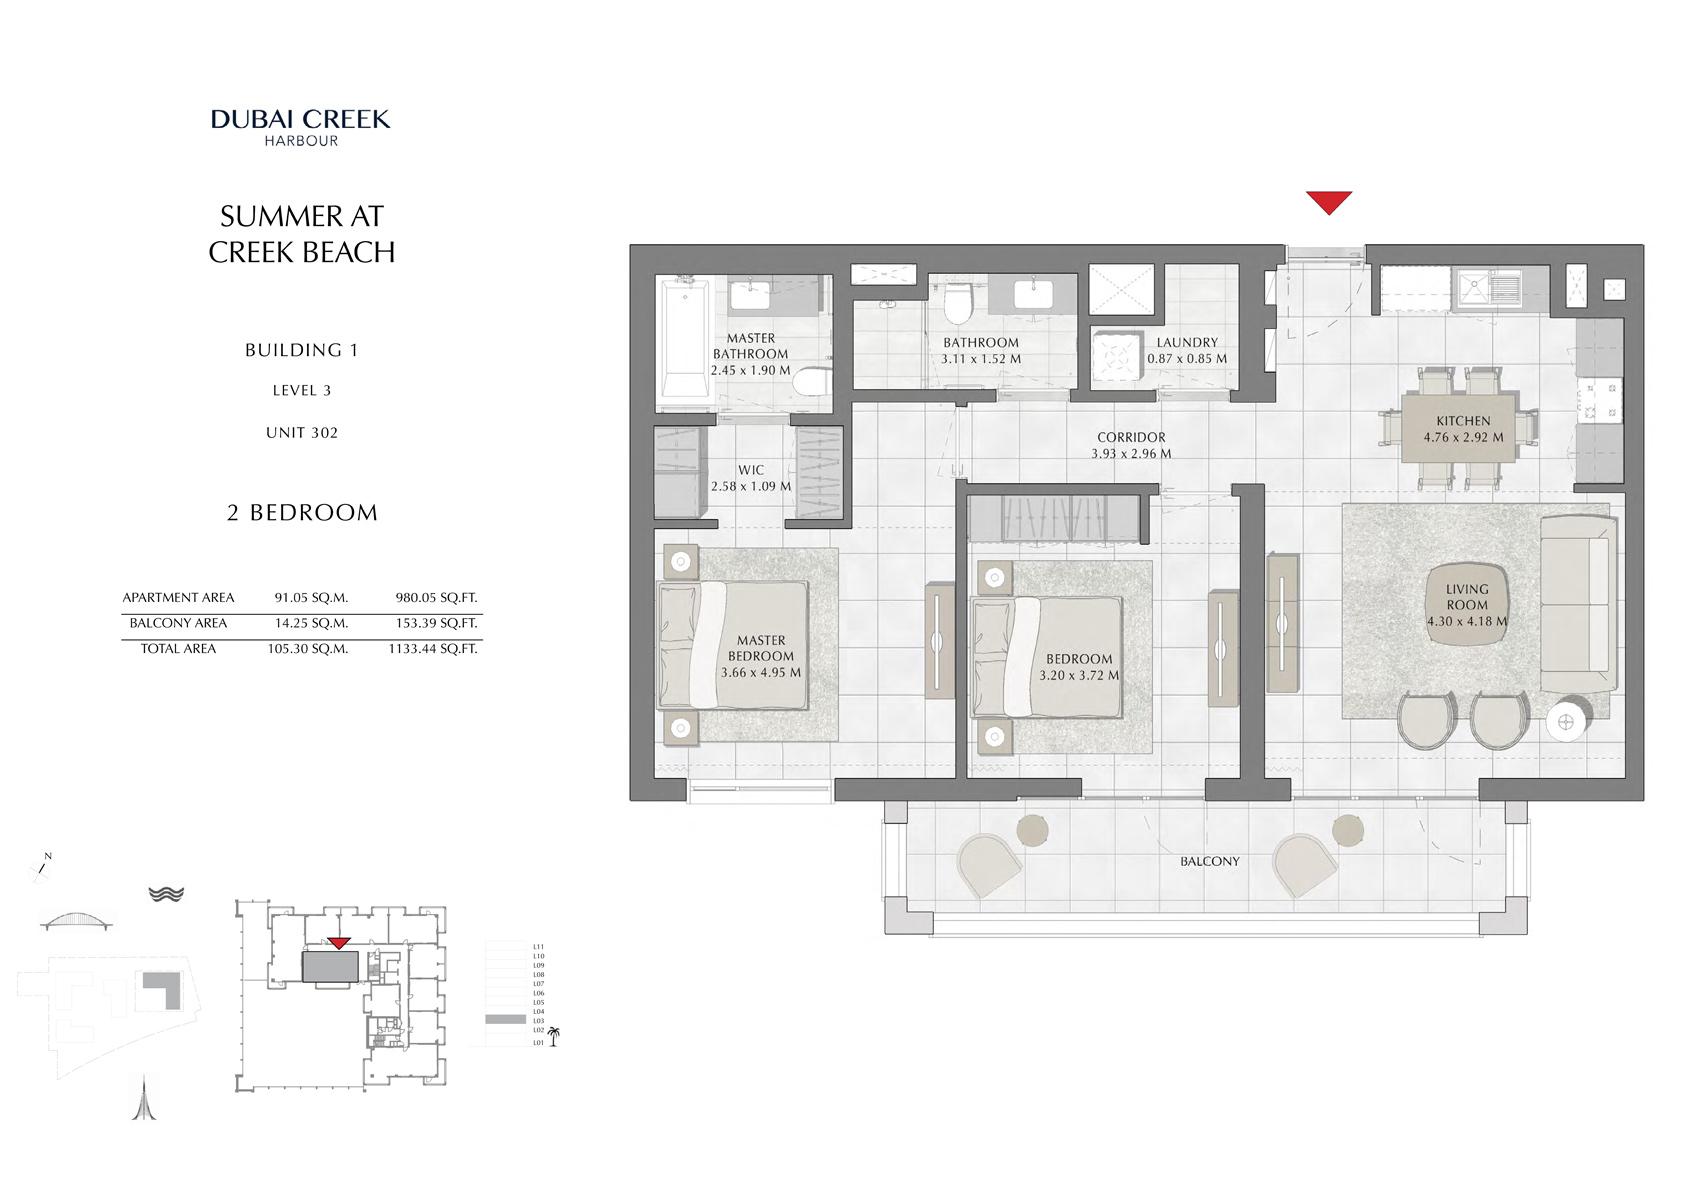 2 Br Building 1 Level 3 Unit 302, Size 1133 Sq Ft